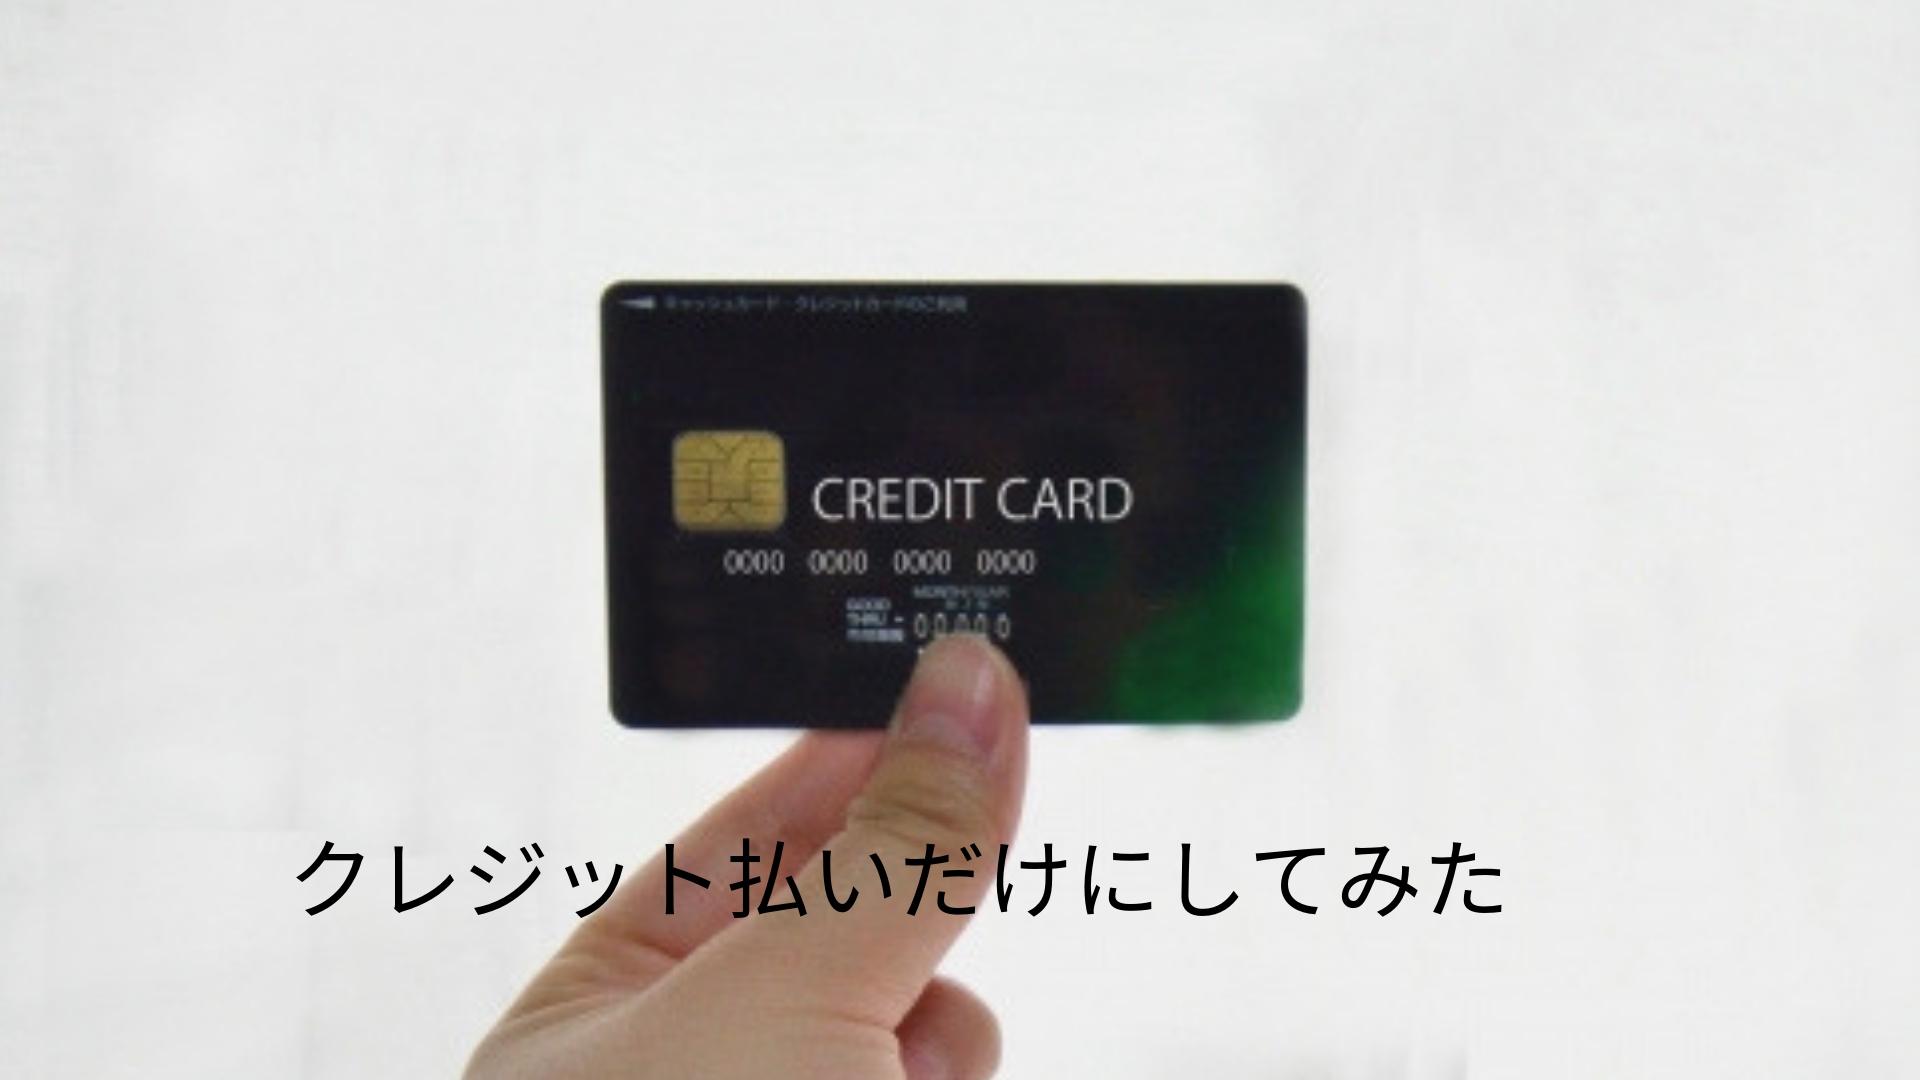 クレジットカード払いだけにしてみた